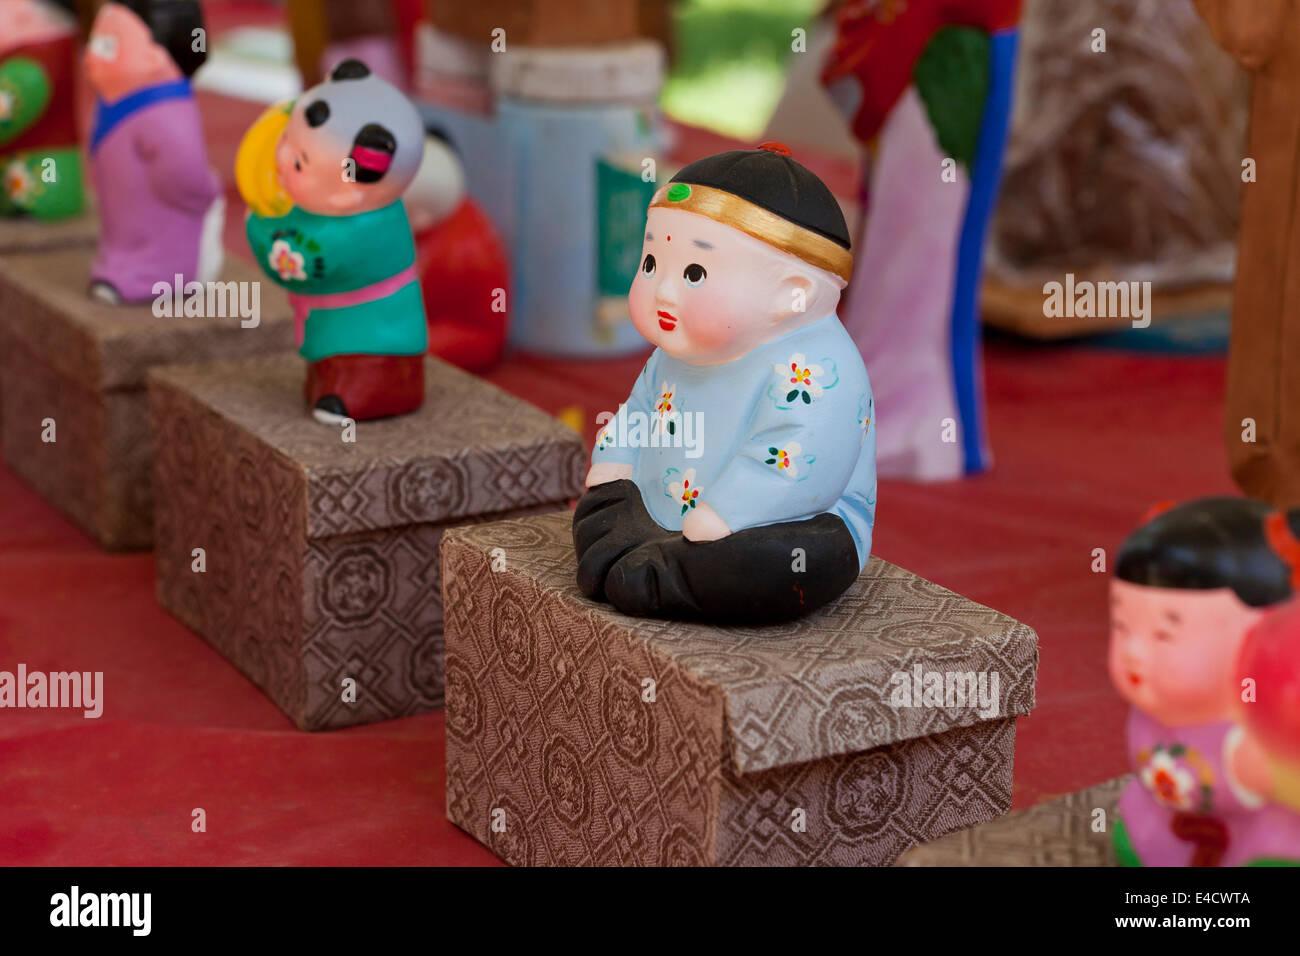 Handmade Chinese dolls - Stock Image